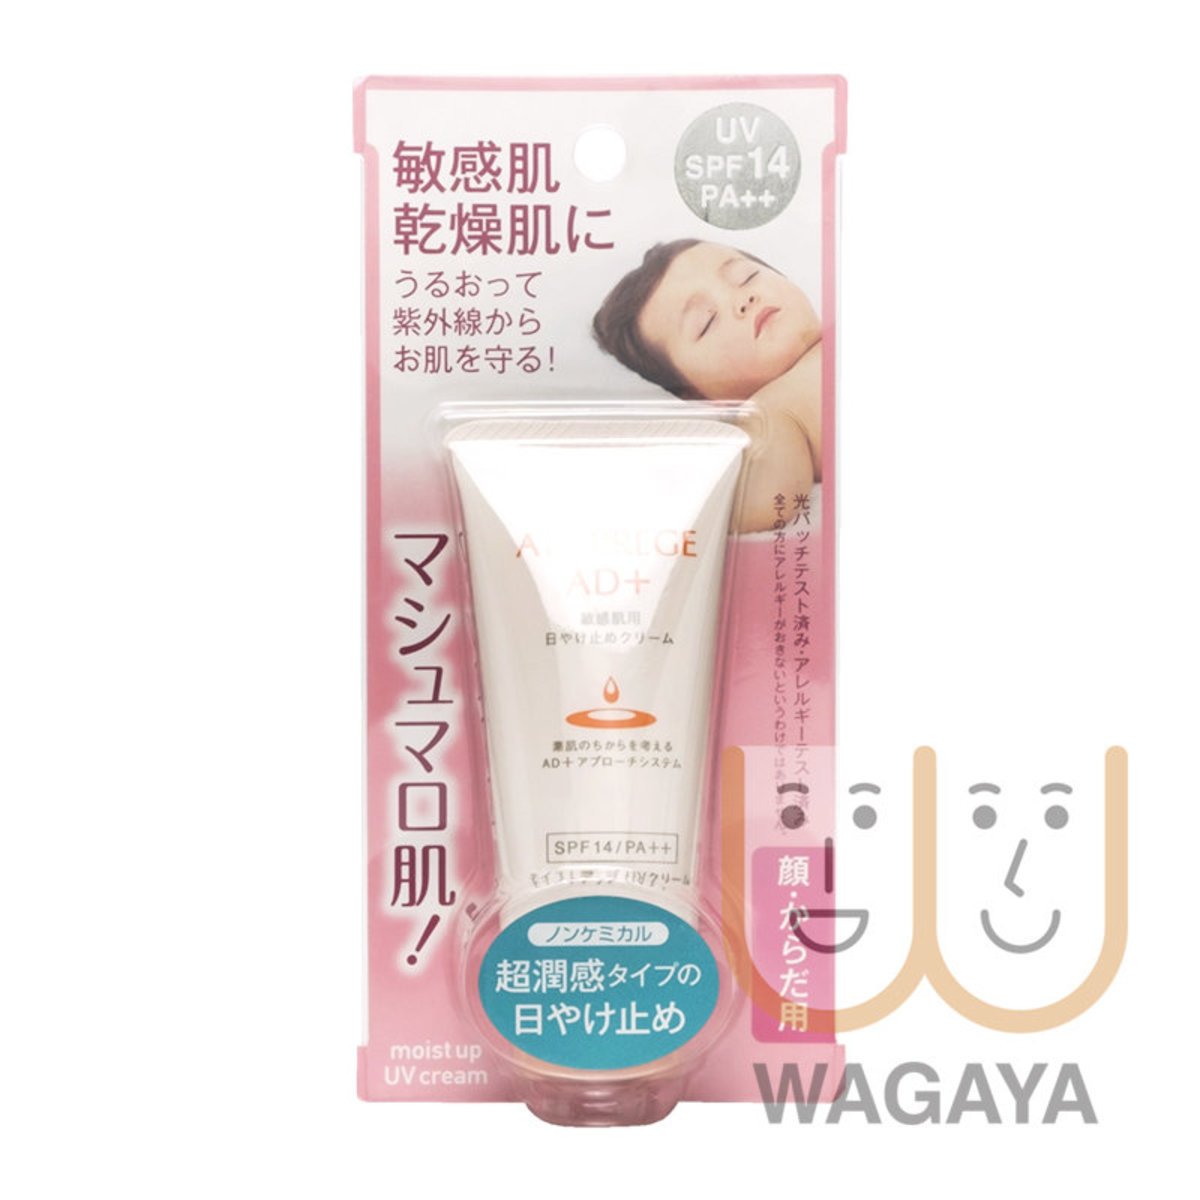 美肌防曬霜 SPF14 / PA++30g (平行進口貨品)